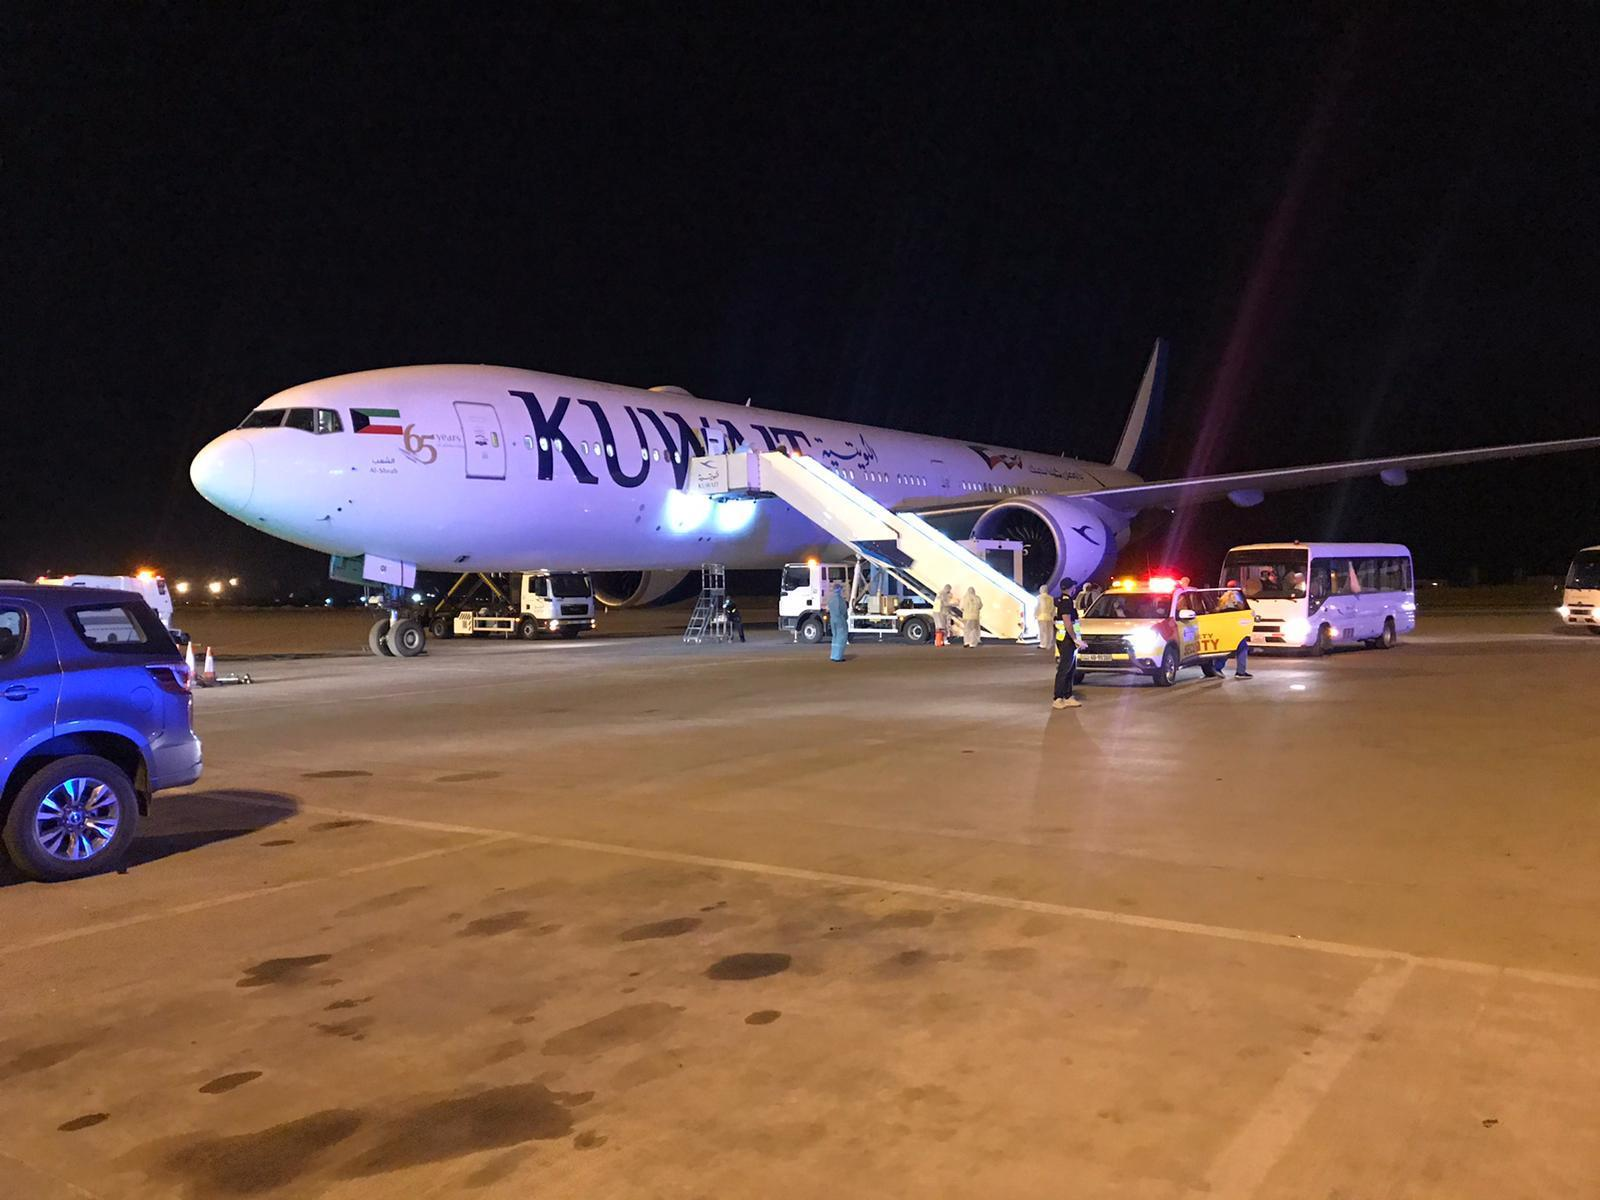 19 حالة من طائرة لندن إلى مستسفى جابر.. 9 منها اشتباه «كورونا»